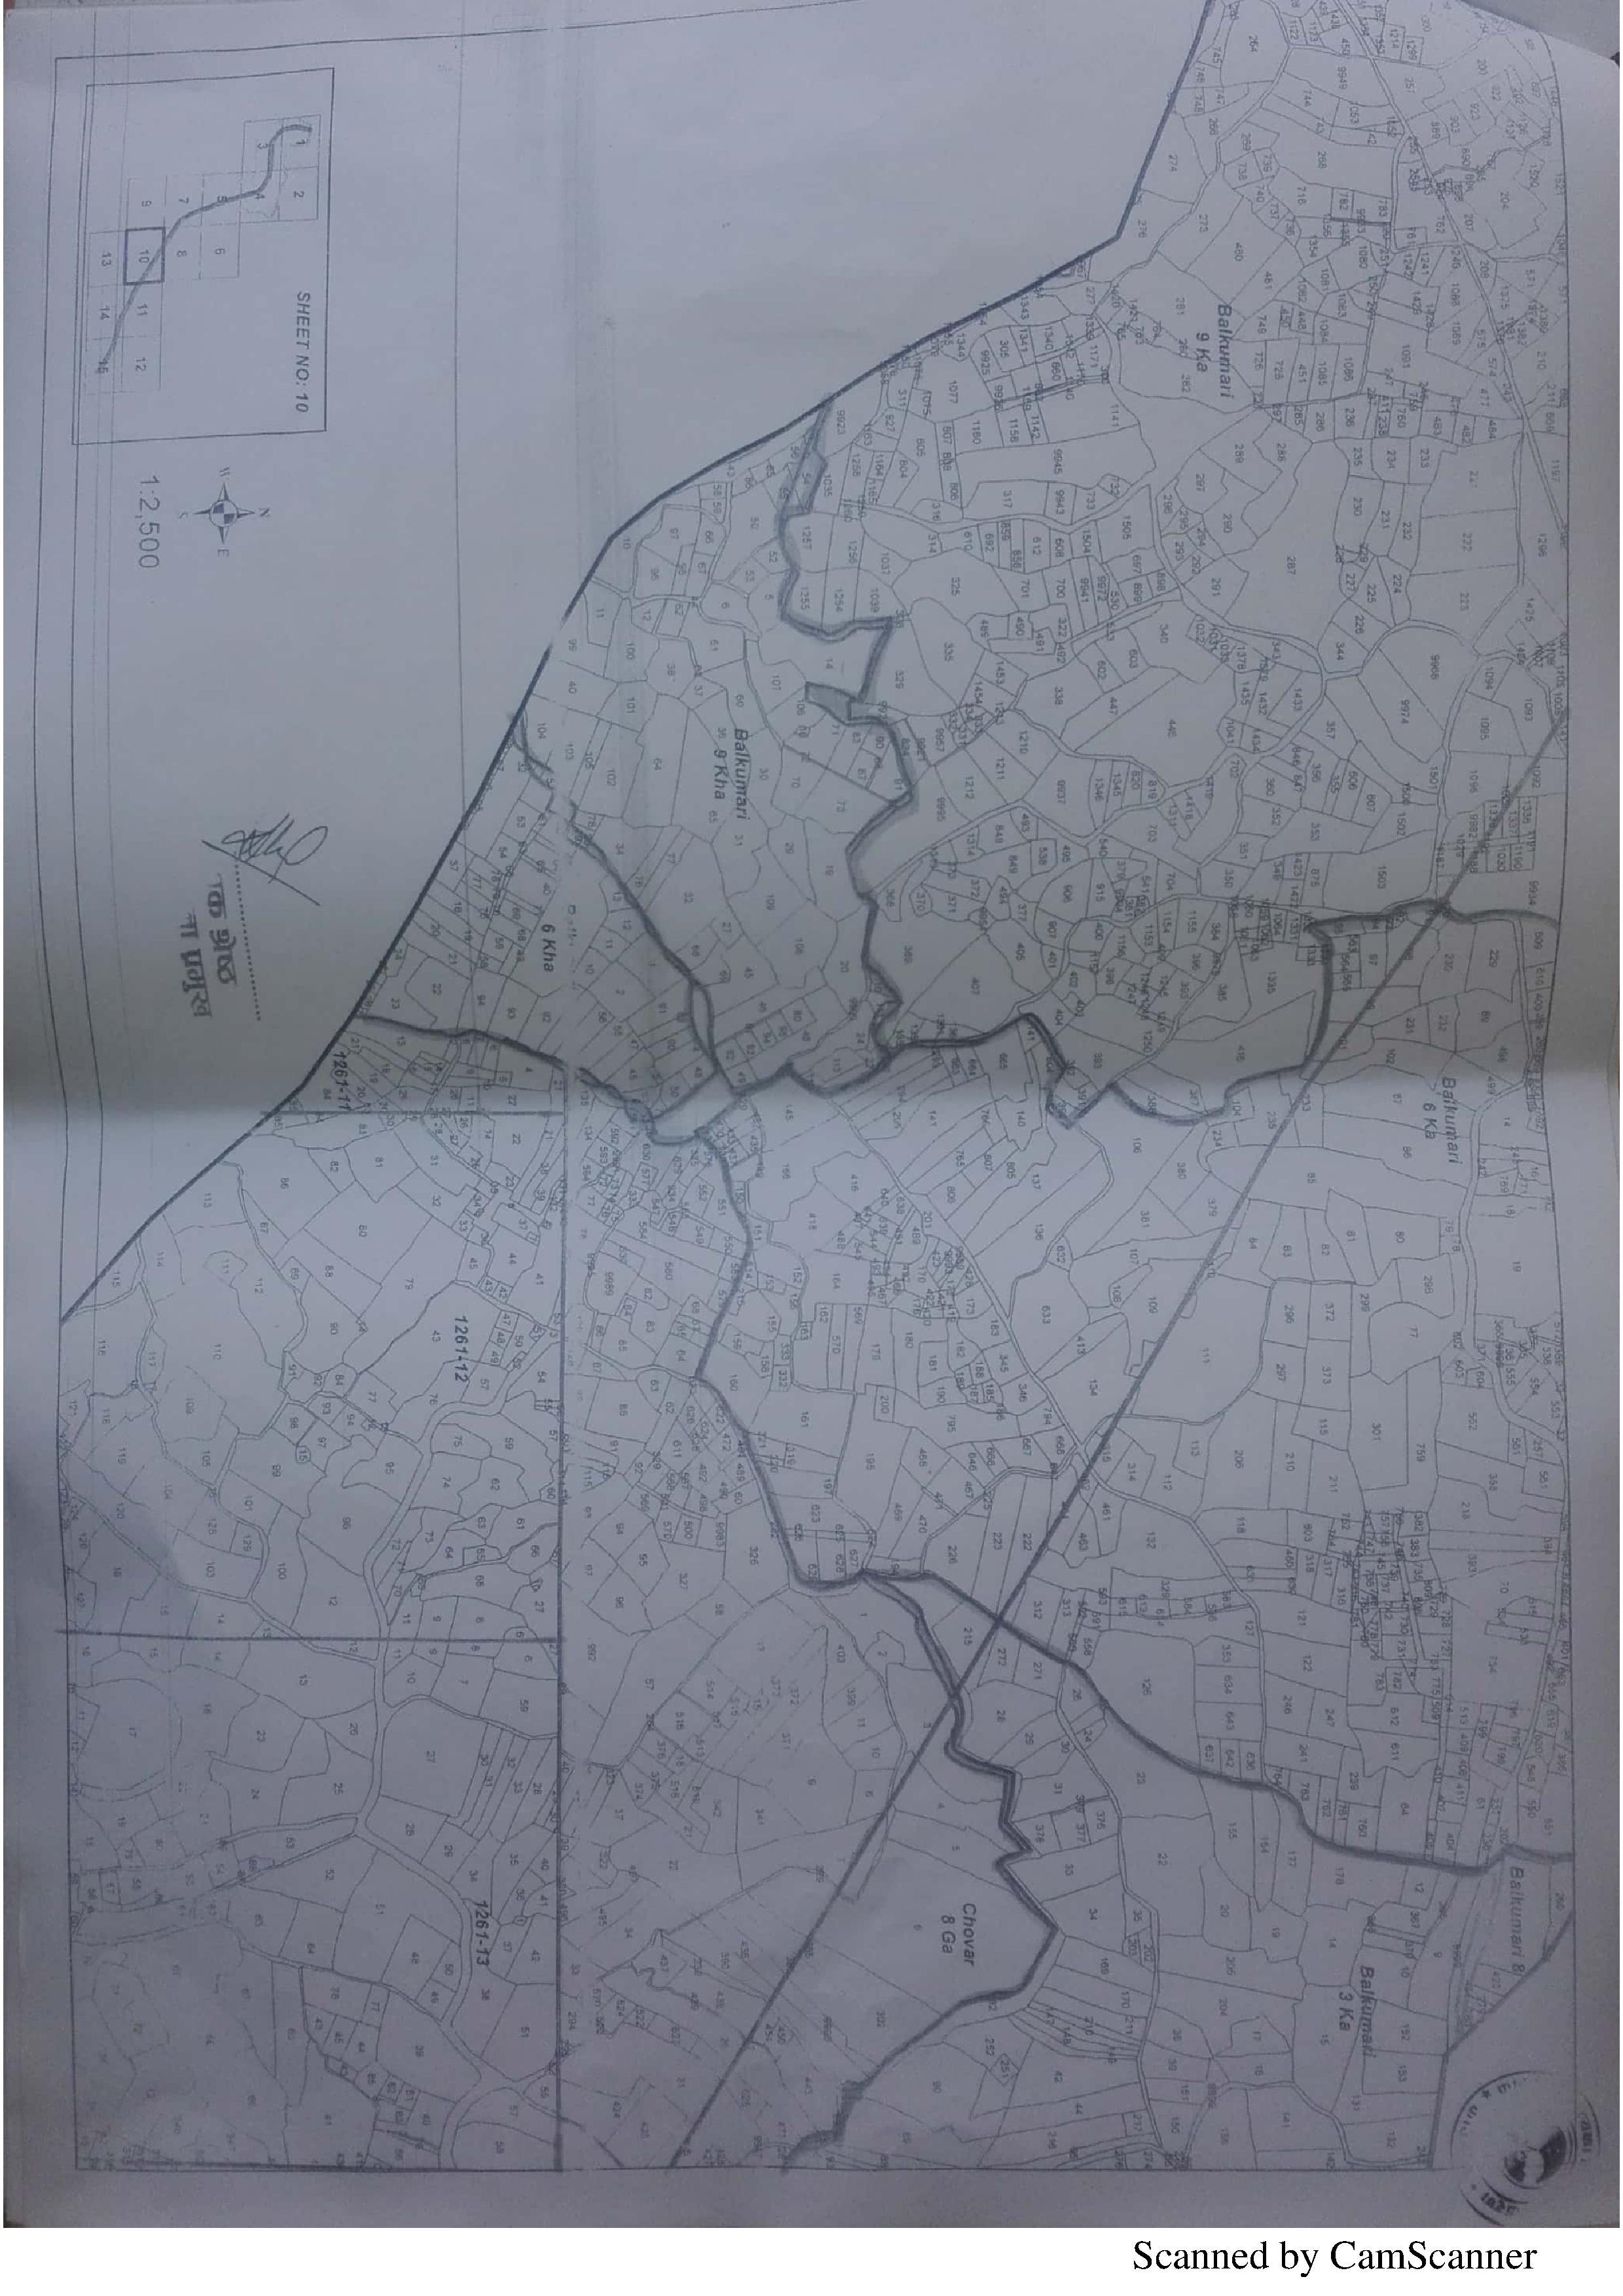 Chandragirinews outer-ring-road-9 बाहिरी चक्रपथको डि.पि.आर. (कित्ता न. सहित) तीनथाना दहचोक नगरपालिका नैकाप नयाँ भन्ज्यांग नैकाप पुरानो भन्ज्यांग बोसिंगाउँ ब्रेकिंग न्युज मछेगाउँ मातातिर्थ मुख्य राष्ट्रिय सतुंगल    chandragiri